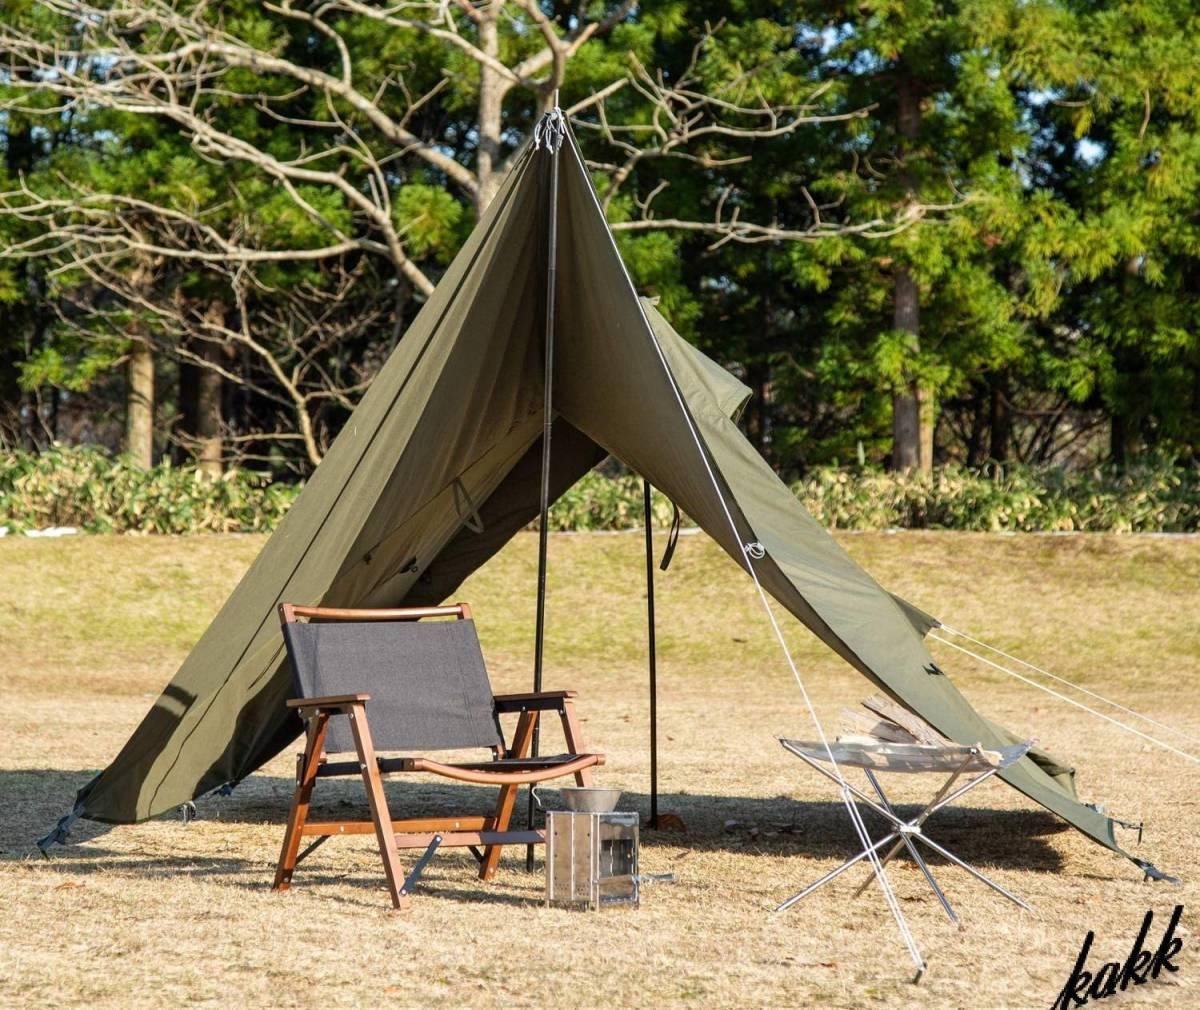 【フルクローズ可能】 1人用 ソロ ティピー ワンポールテント ツーリング キャンプ アウトドア レジャー 旅行 コンパクト BUNDOK カーキ